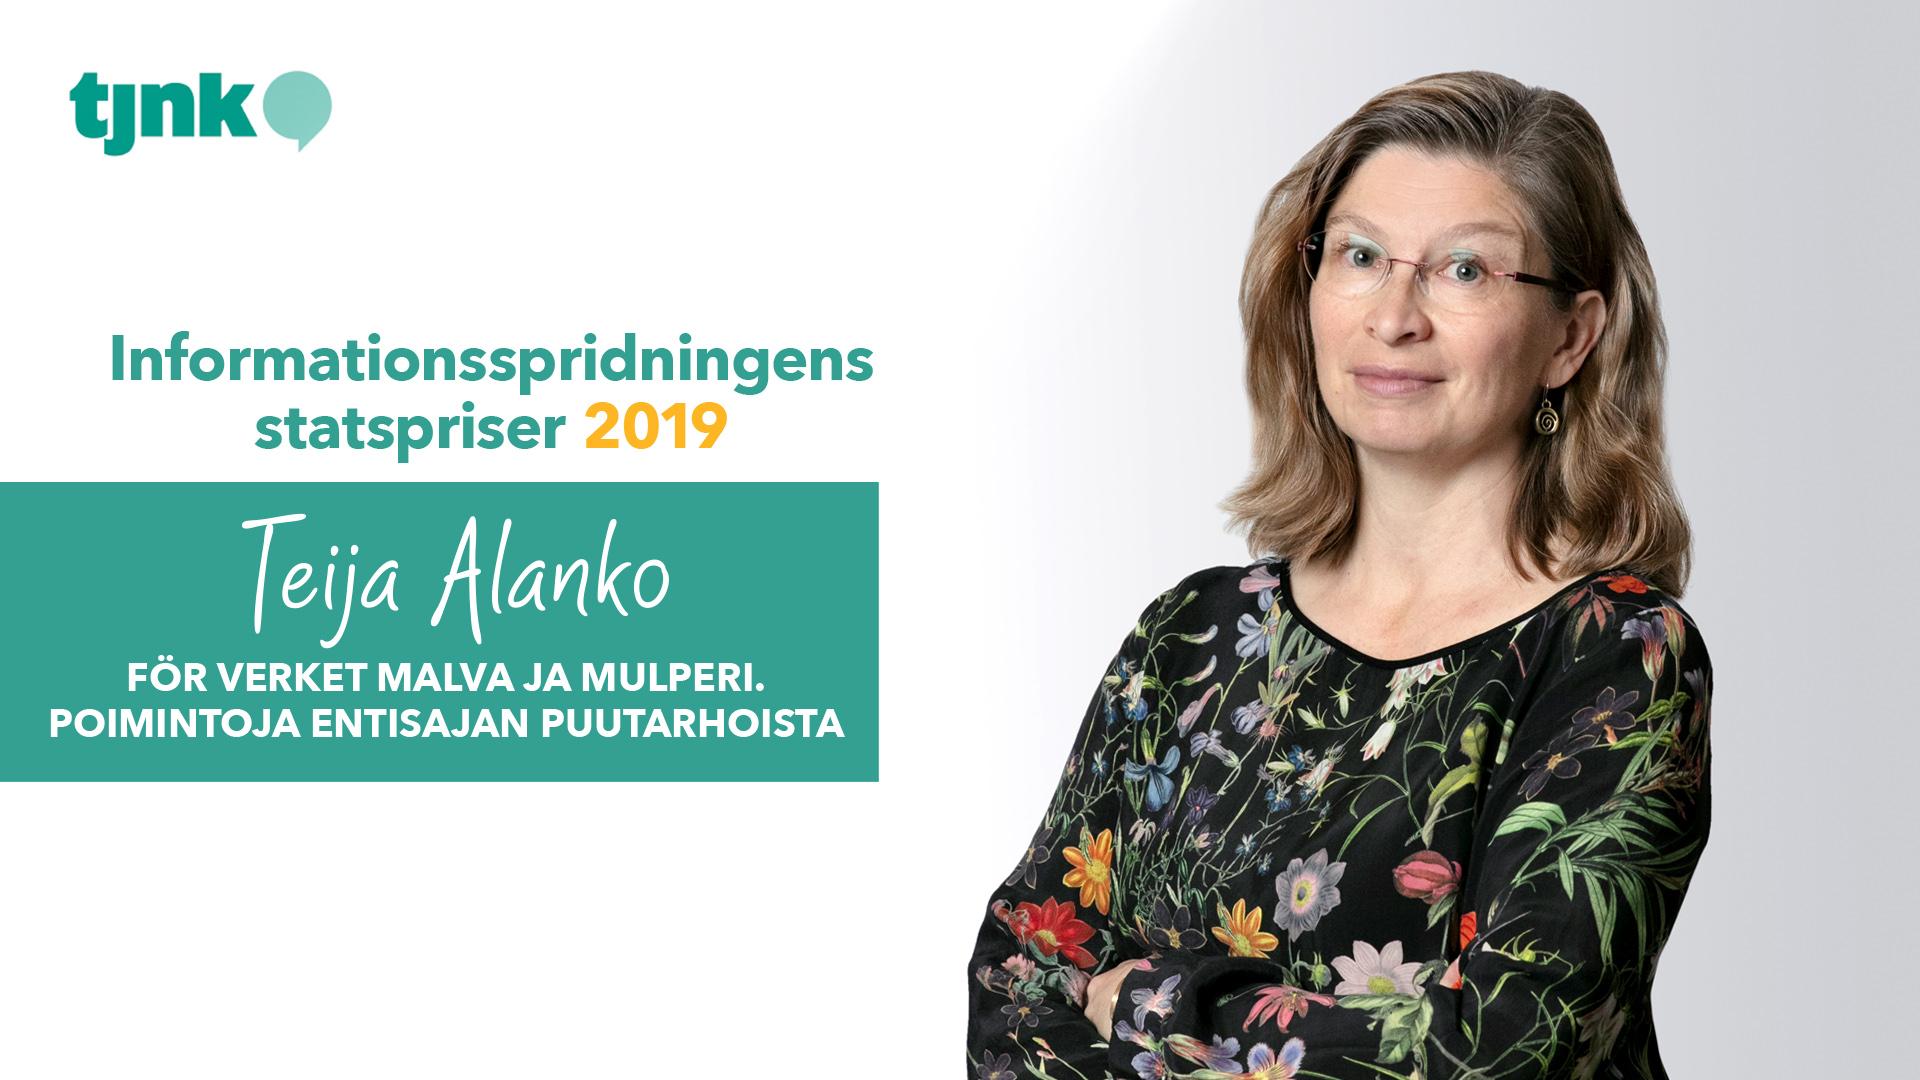 Teija Alanko